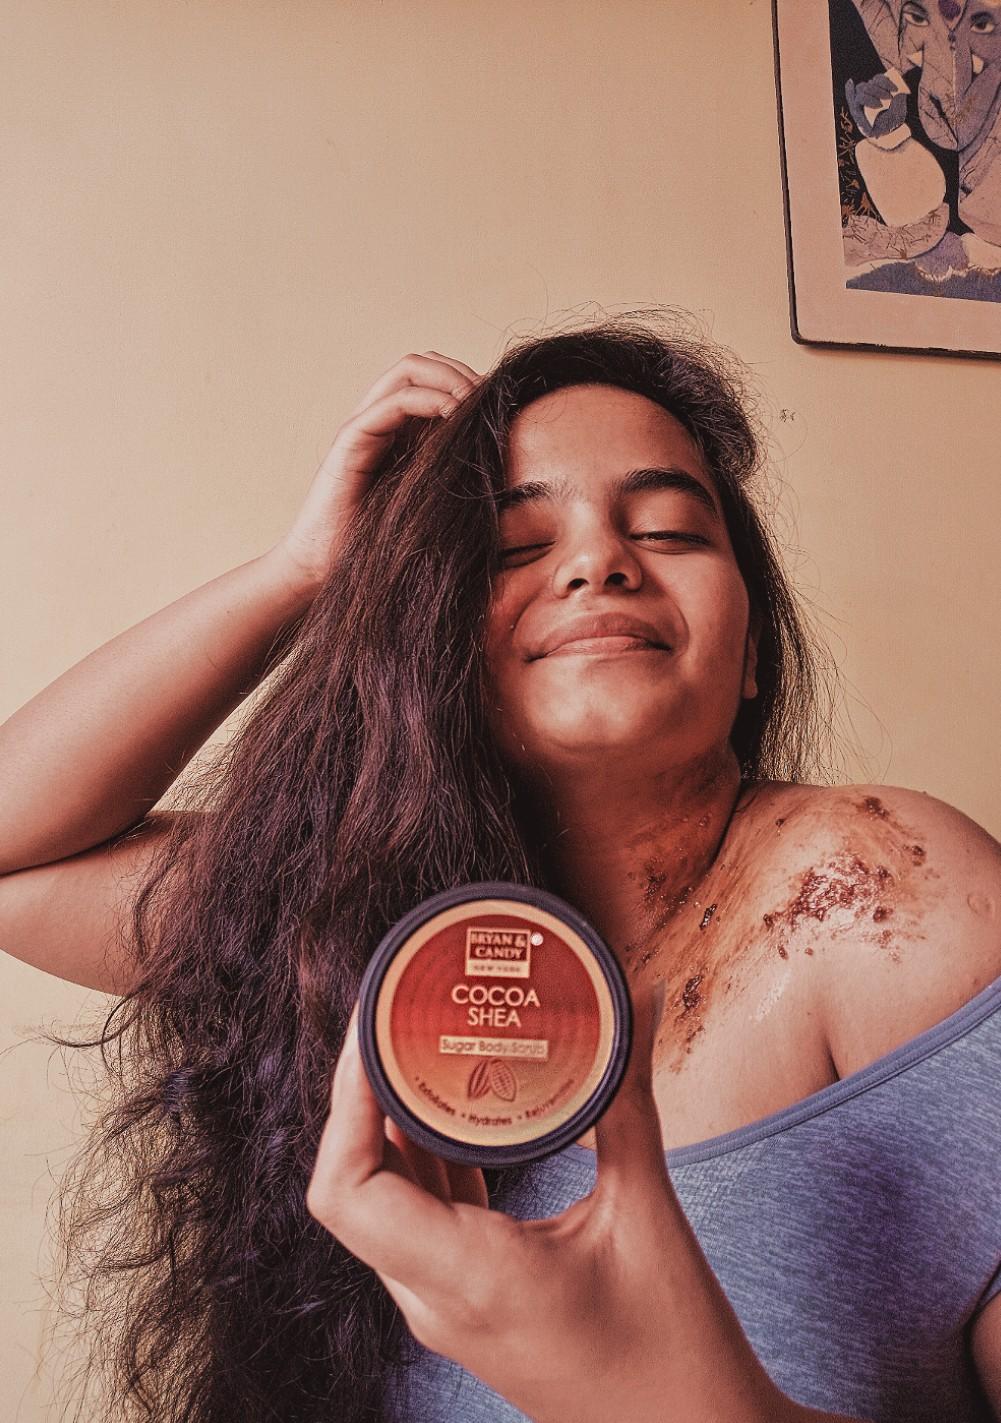 Bryan & Candy New York Cocoa Shea Sugar Body Scrub-Best cleansing scrub for body-By shravika1-2